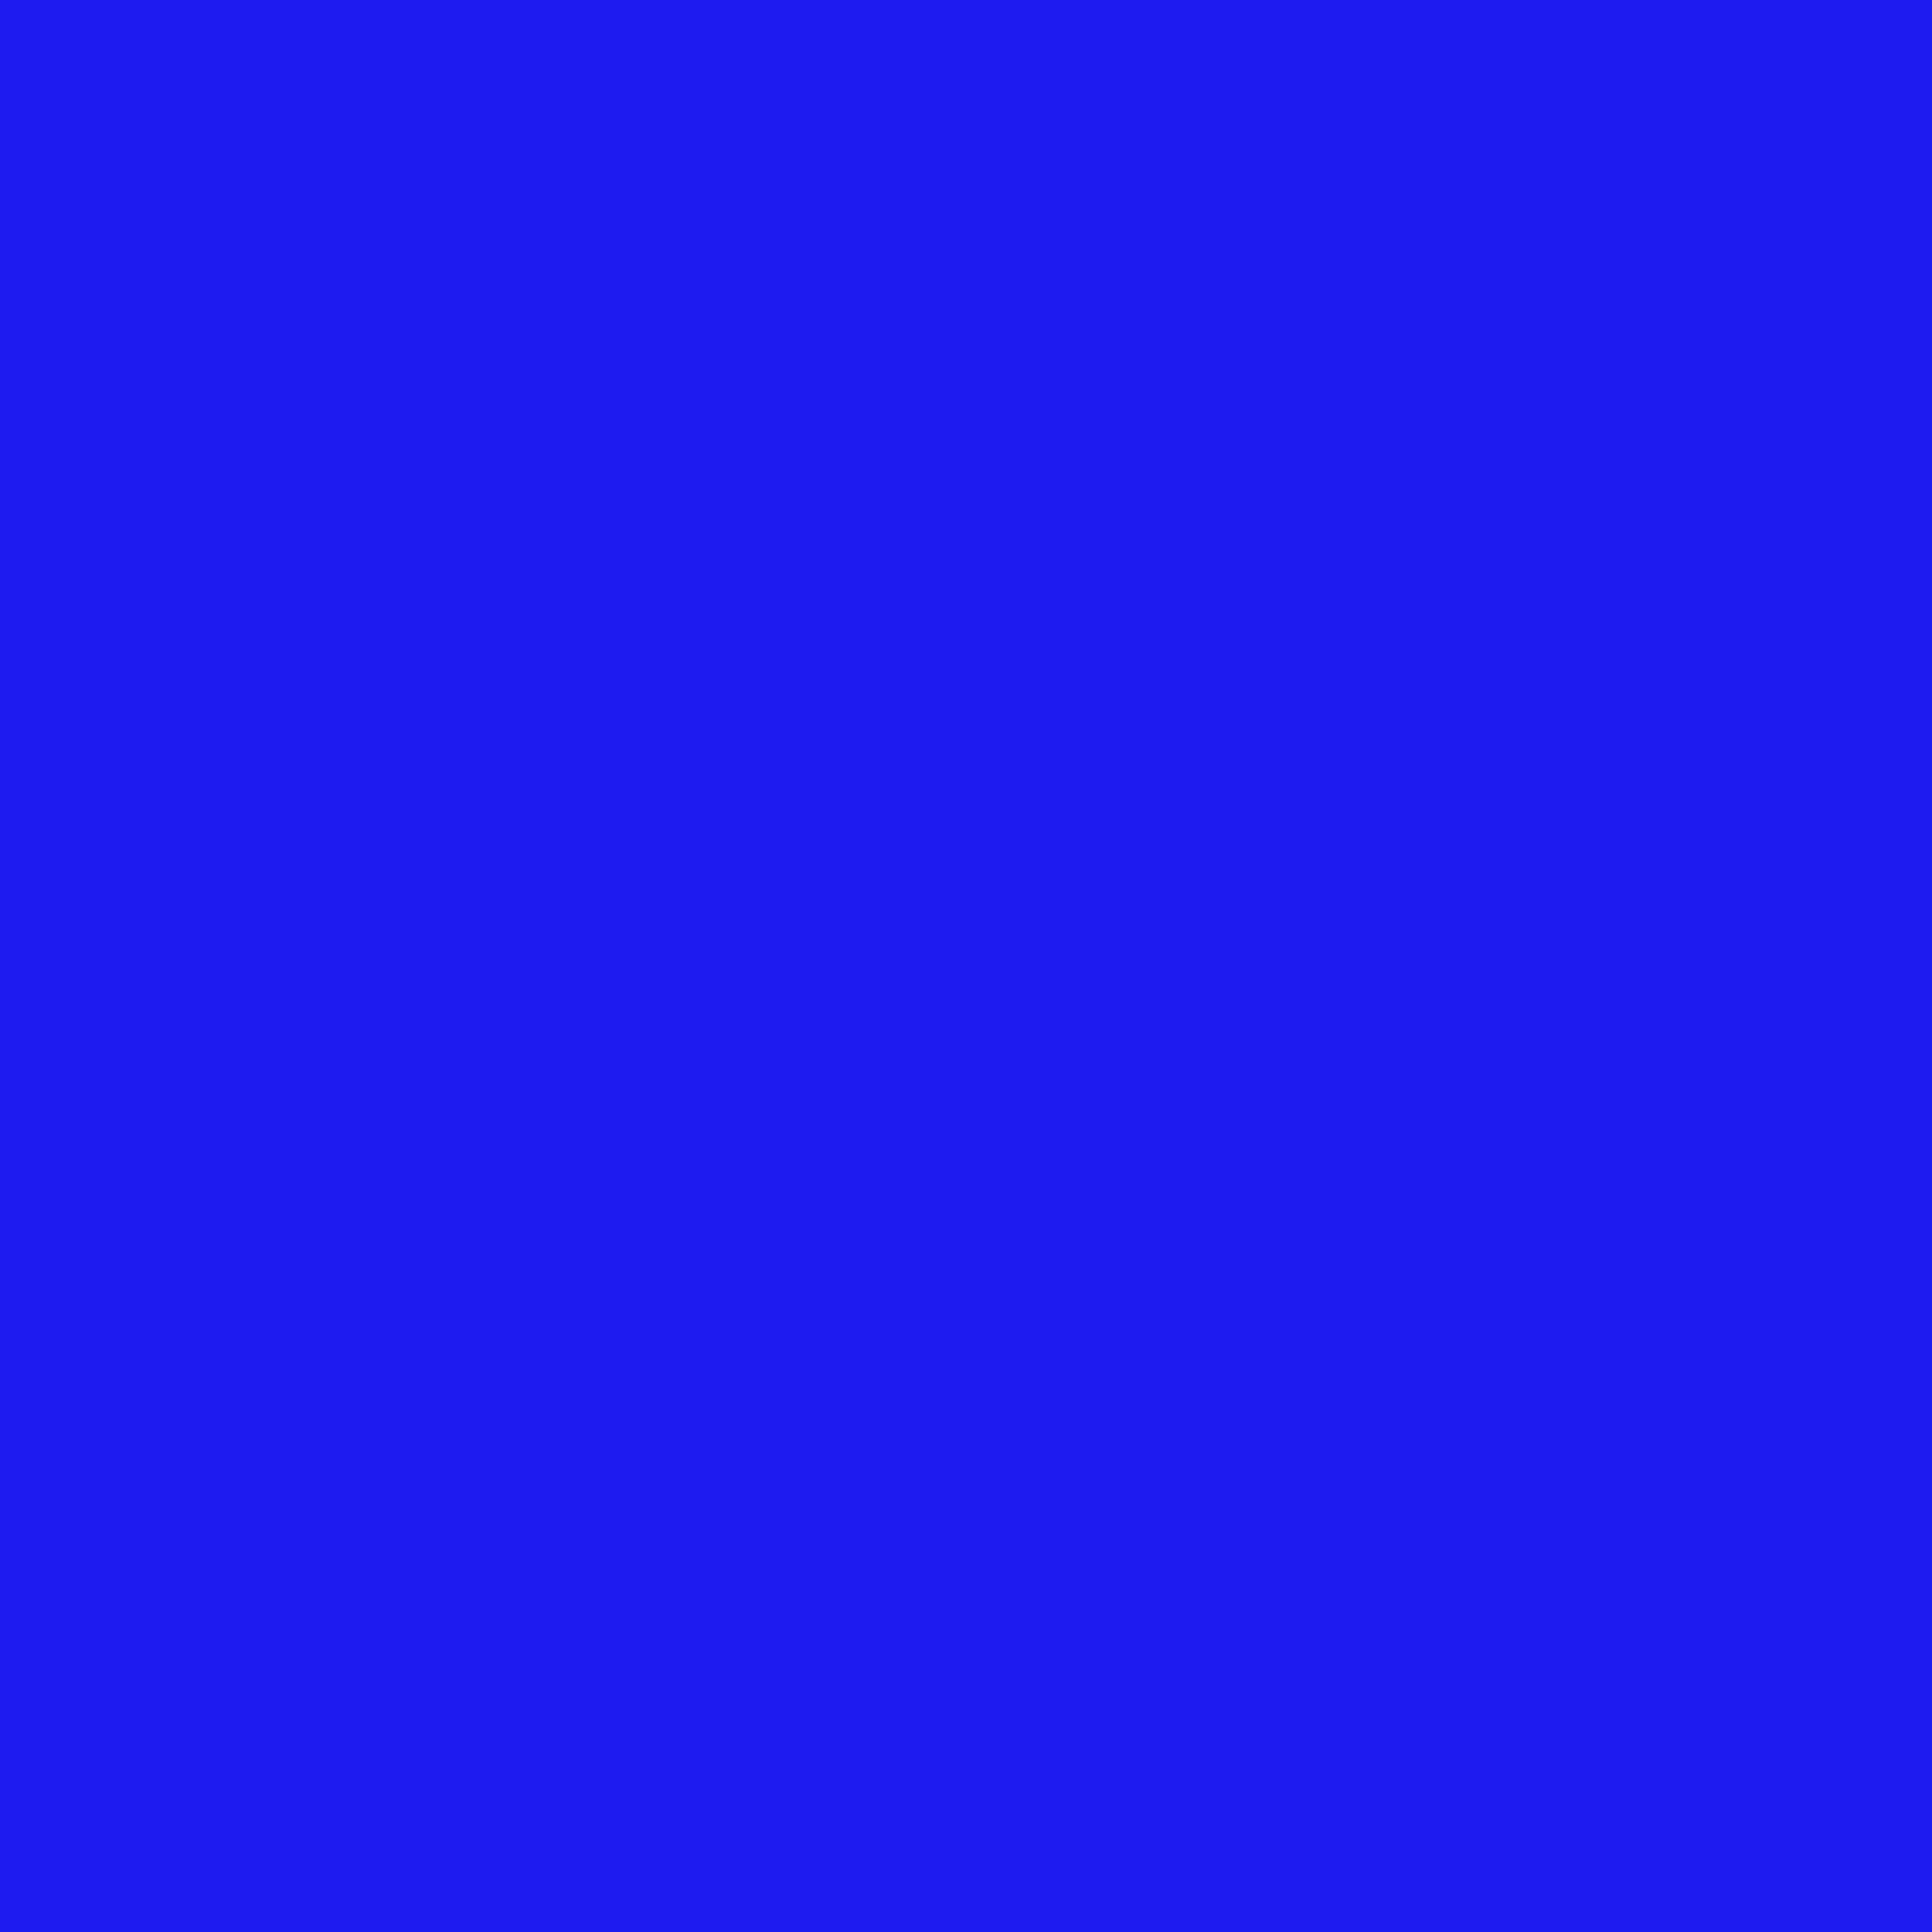 3600x3600 Bluebonnet Solid Color Background